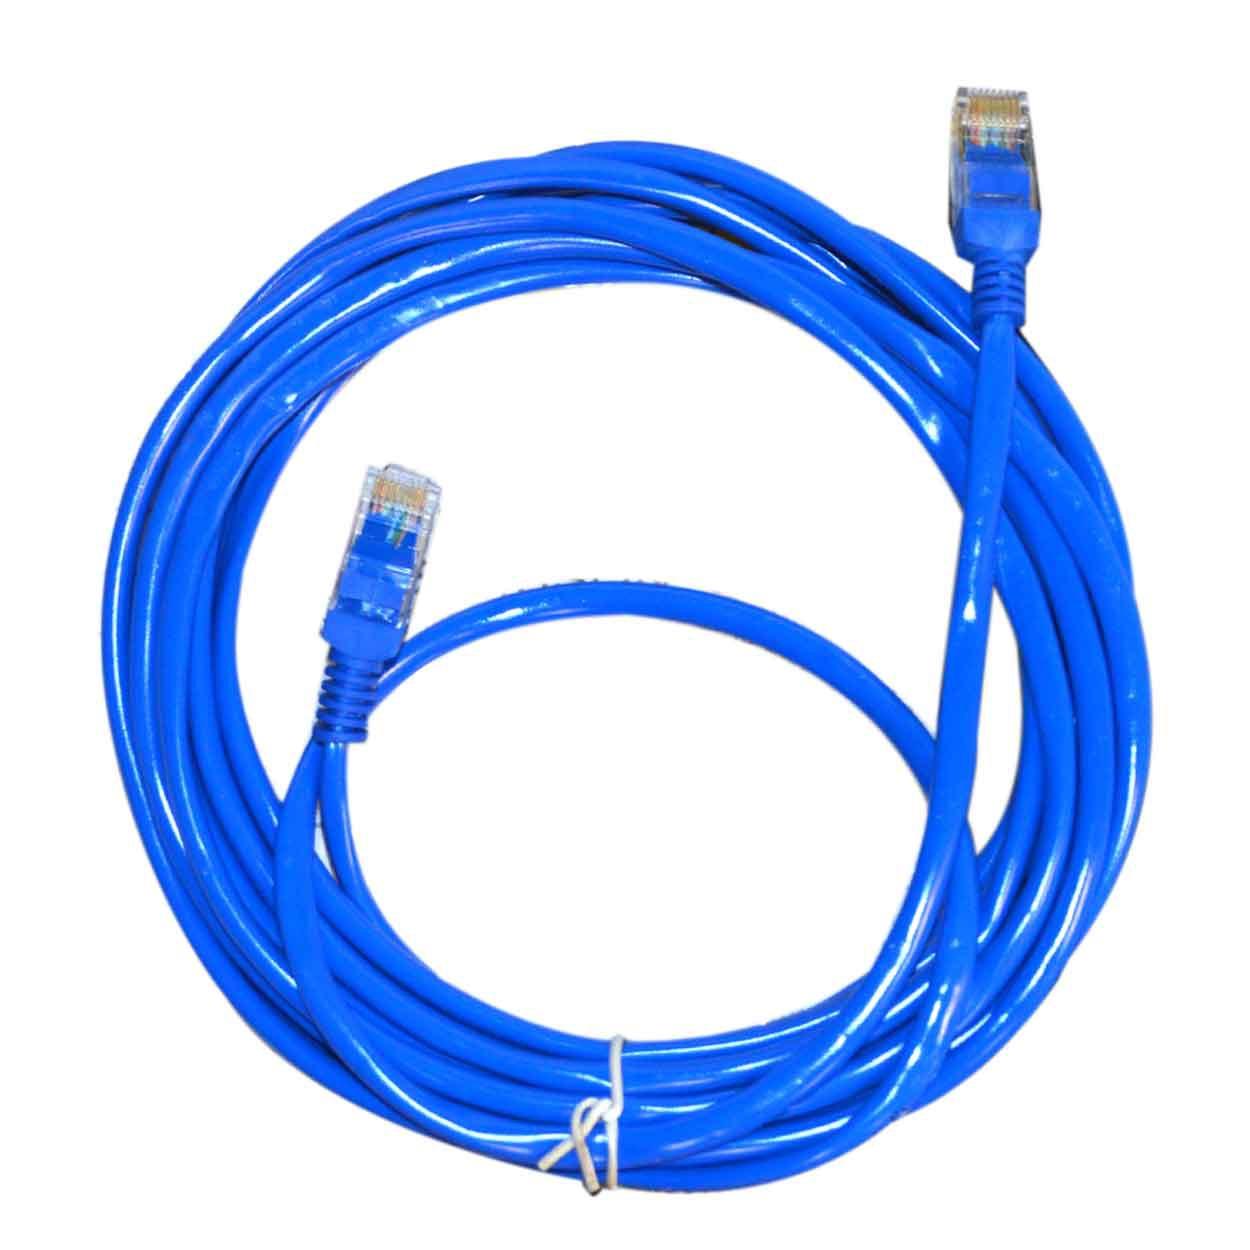 کابل شبکه CAT5e ونوس مدل PV-K933 طول 3 متر